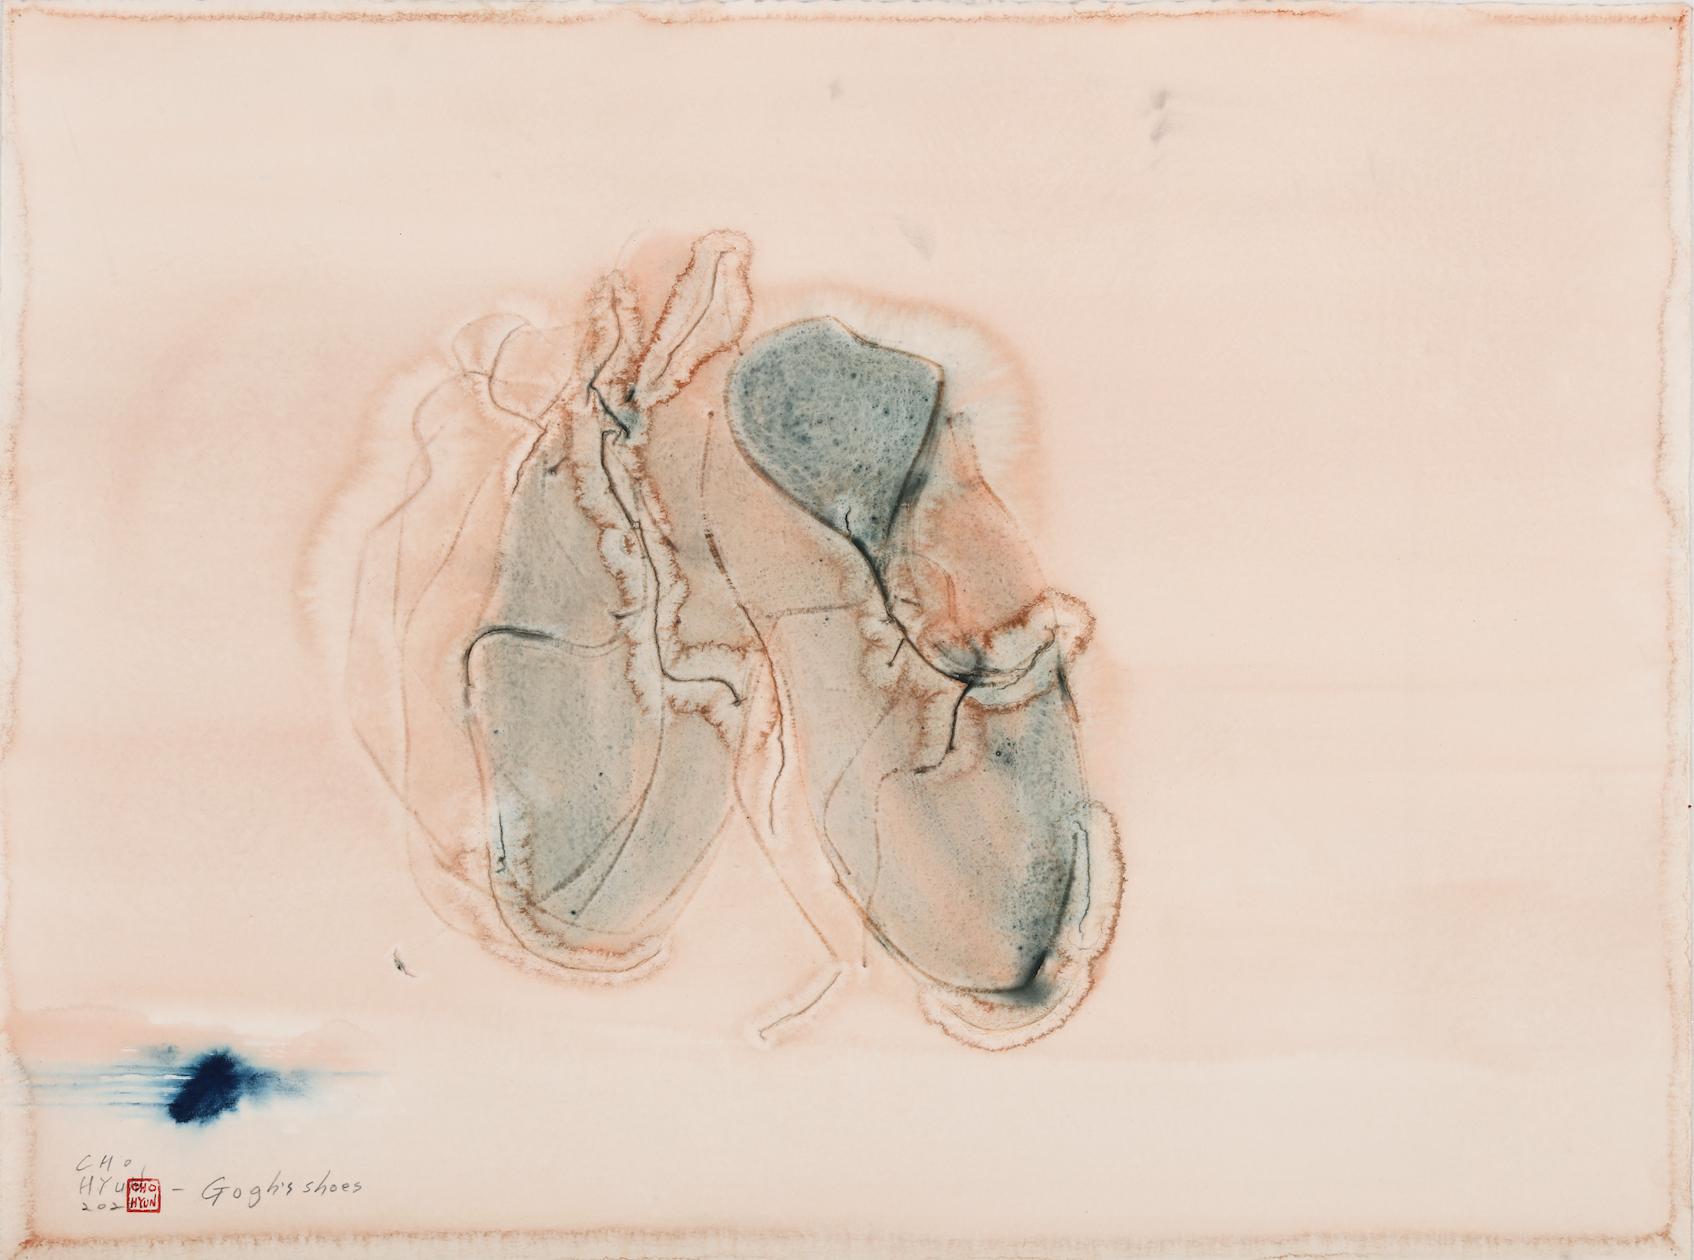 흔적-고흐의 신발 Traces-Van gogh's shoes